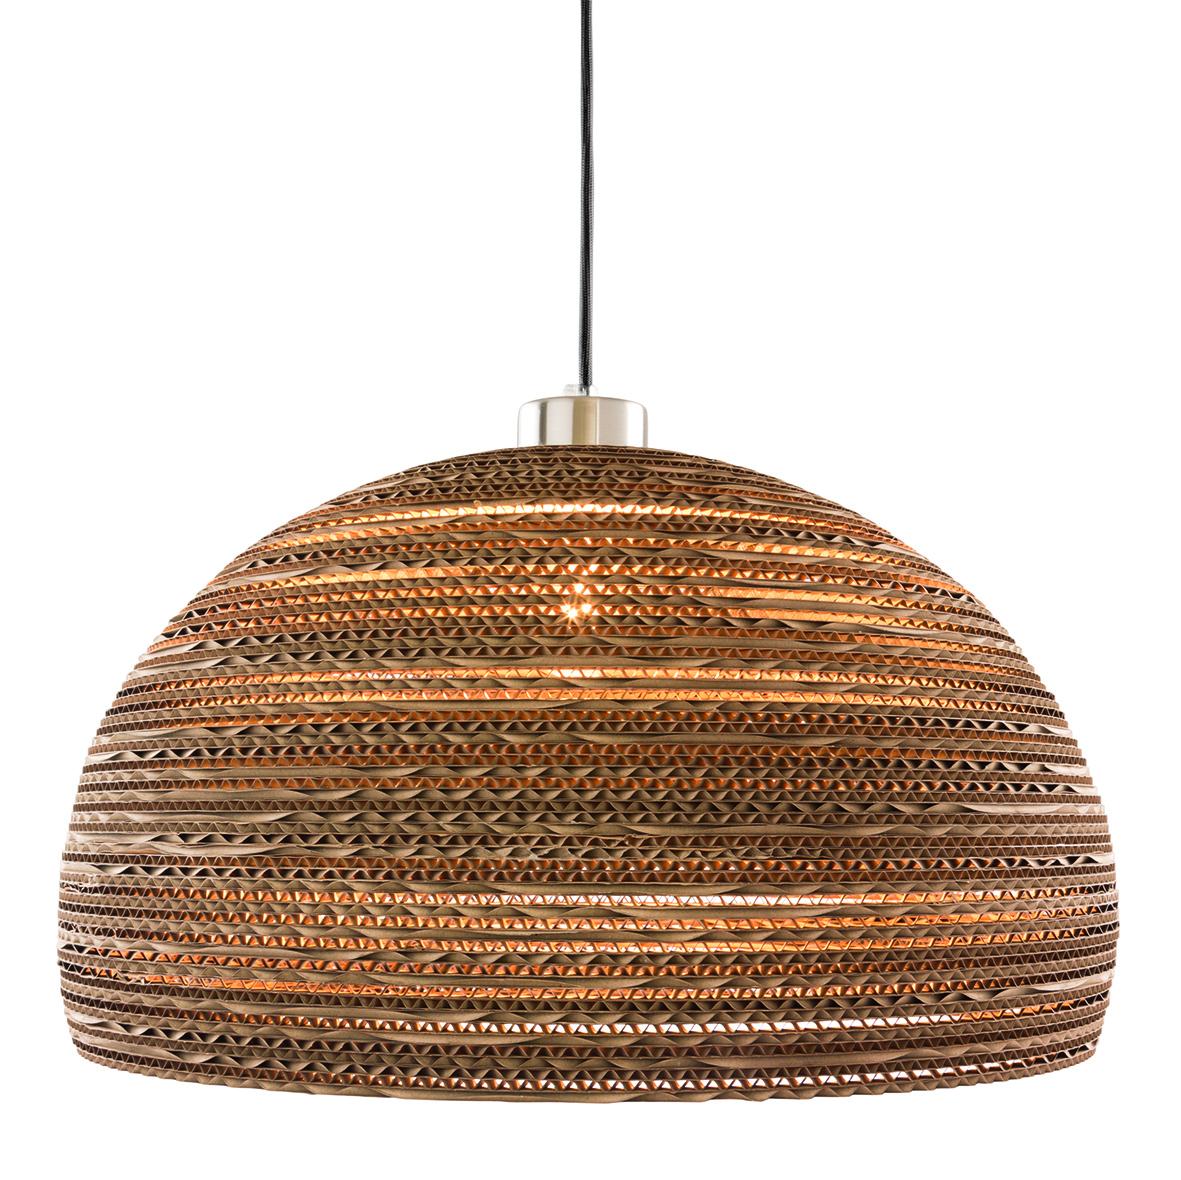 Lampe i genbrugspap. Ø 44 cm. H 22 cm. Pris